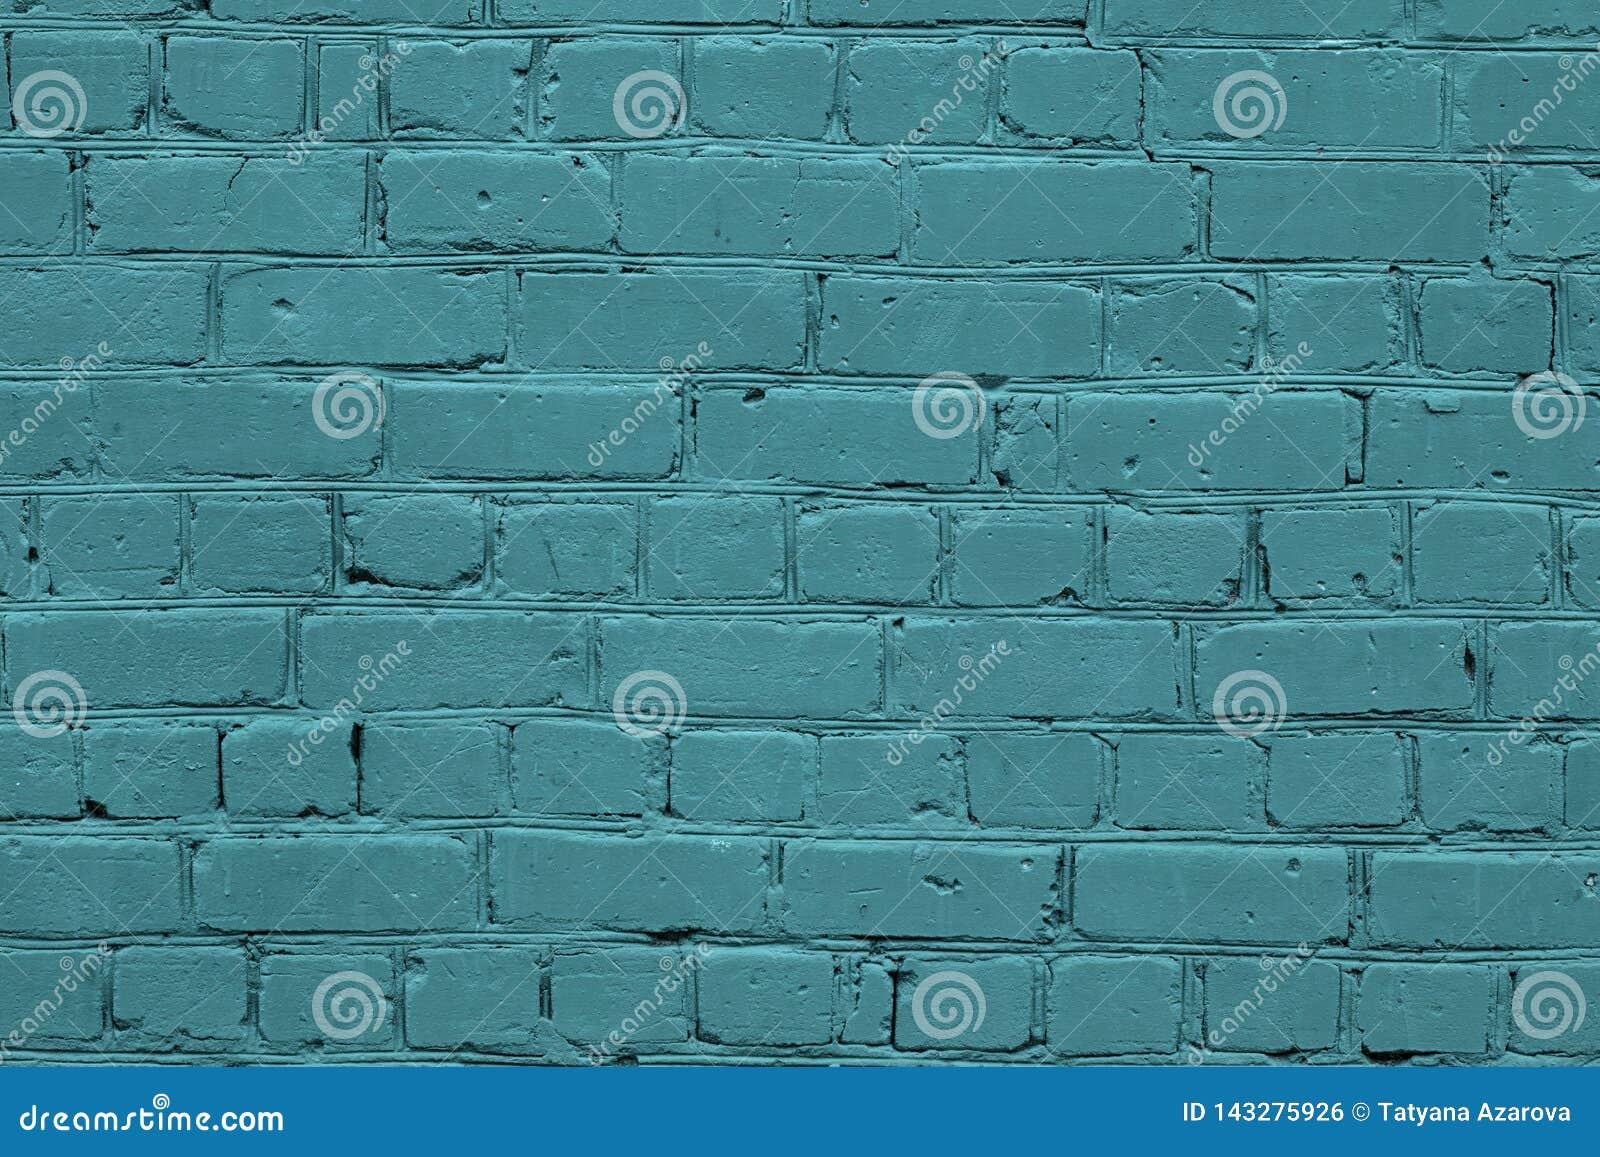 Σύσταση ενός τυρκουάζ τουβλότοιχος Πράσινος τουβλότοιχος σύστασης Τυρκουάζ υπόβαθρο σύστασης τουβλότοιχος Υπόβαθρο του μπλε Stone